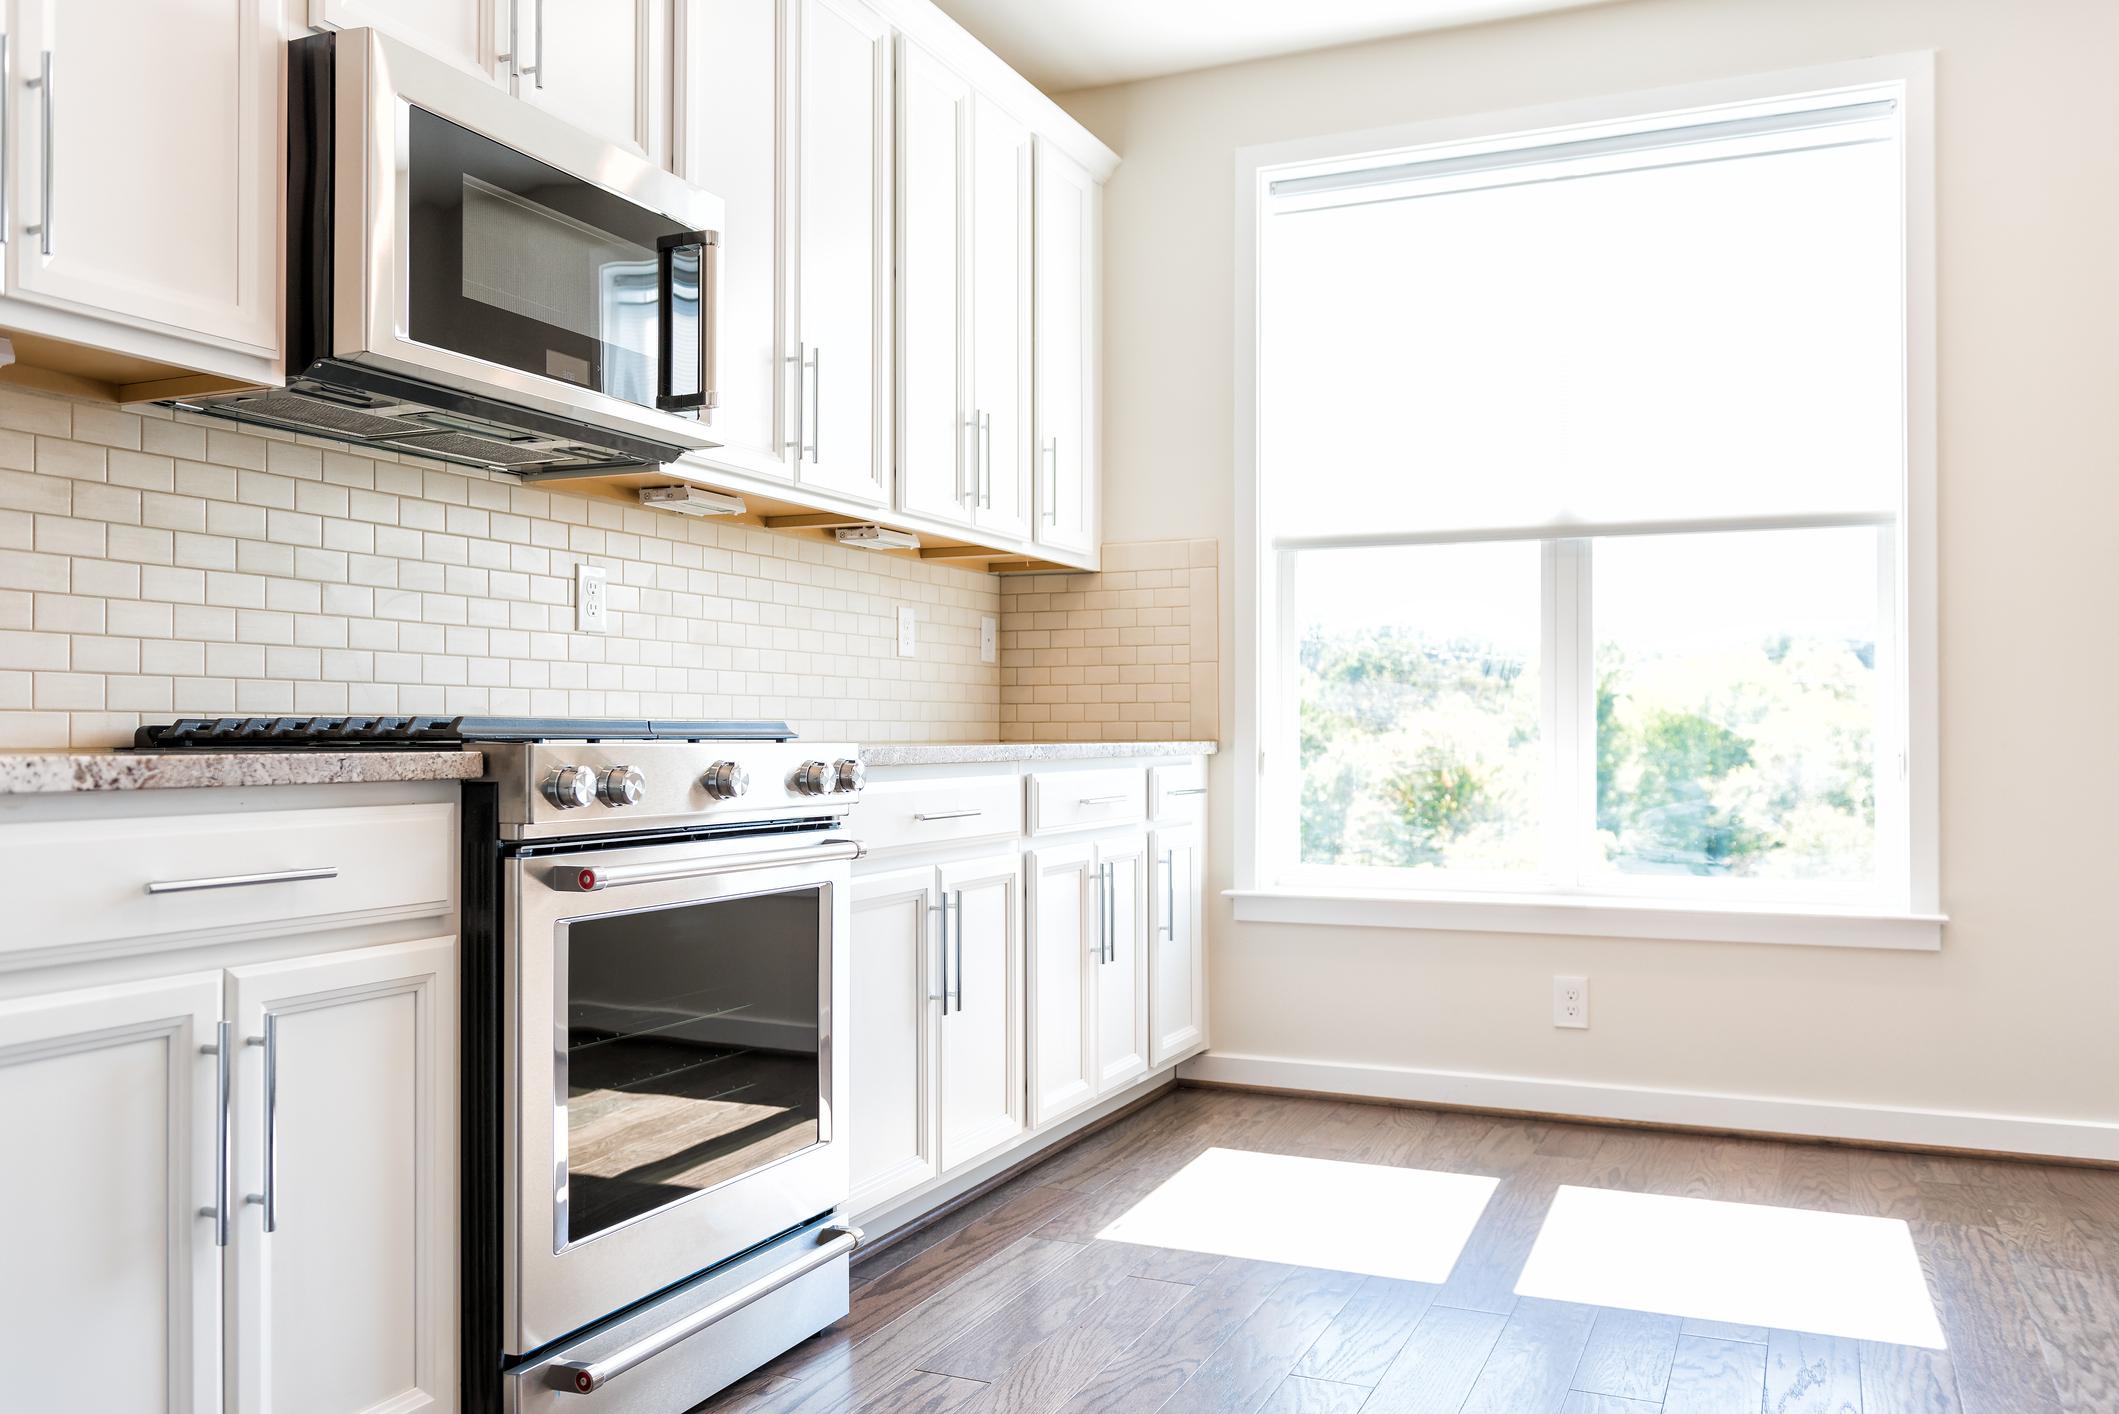 Ако печката ви не е вградена, дръпнете я, за да почистете под и зад нея. Няма да повярвате, когато видите колко мръсотия се е натрупала.